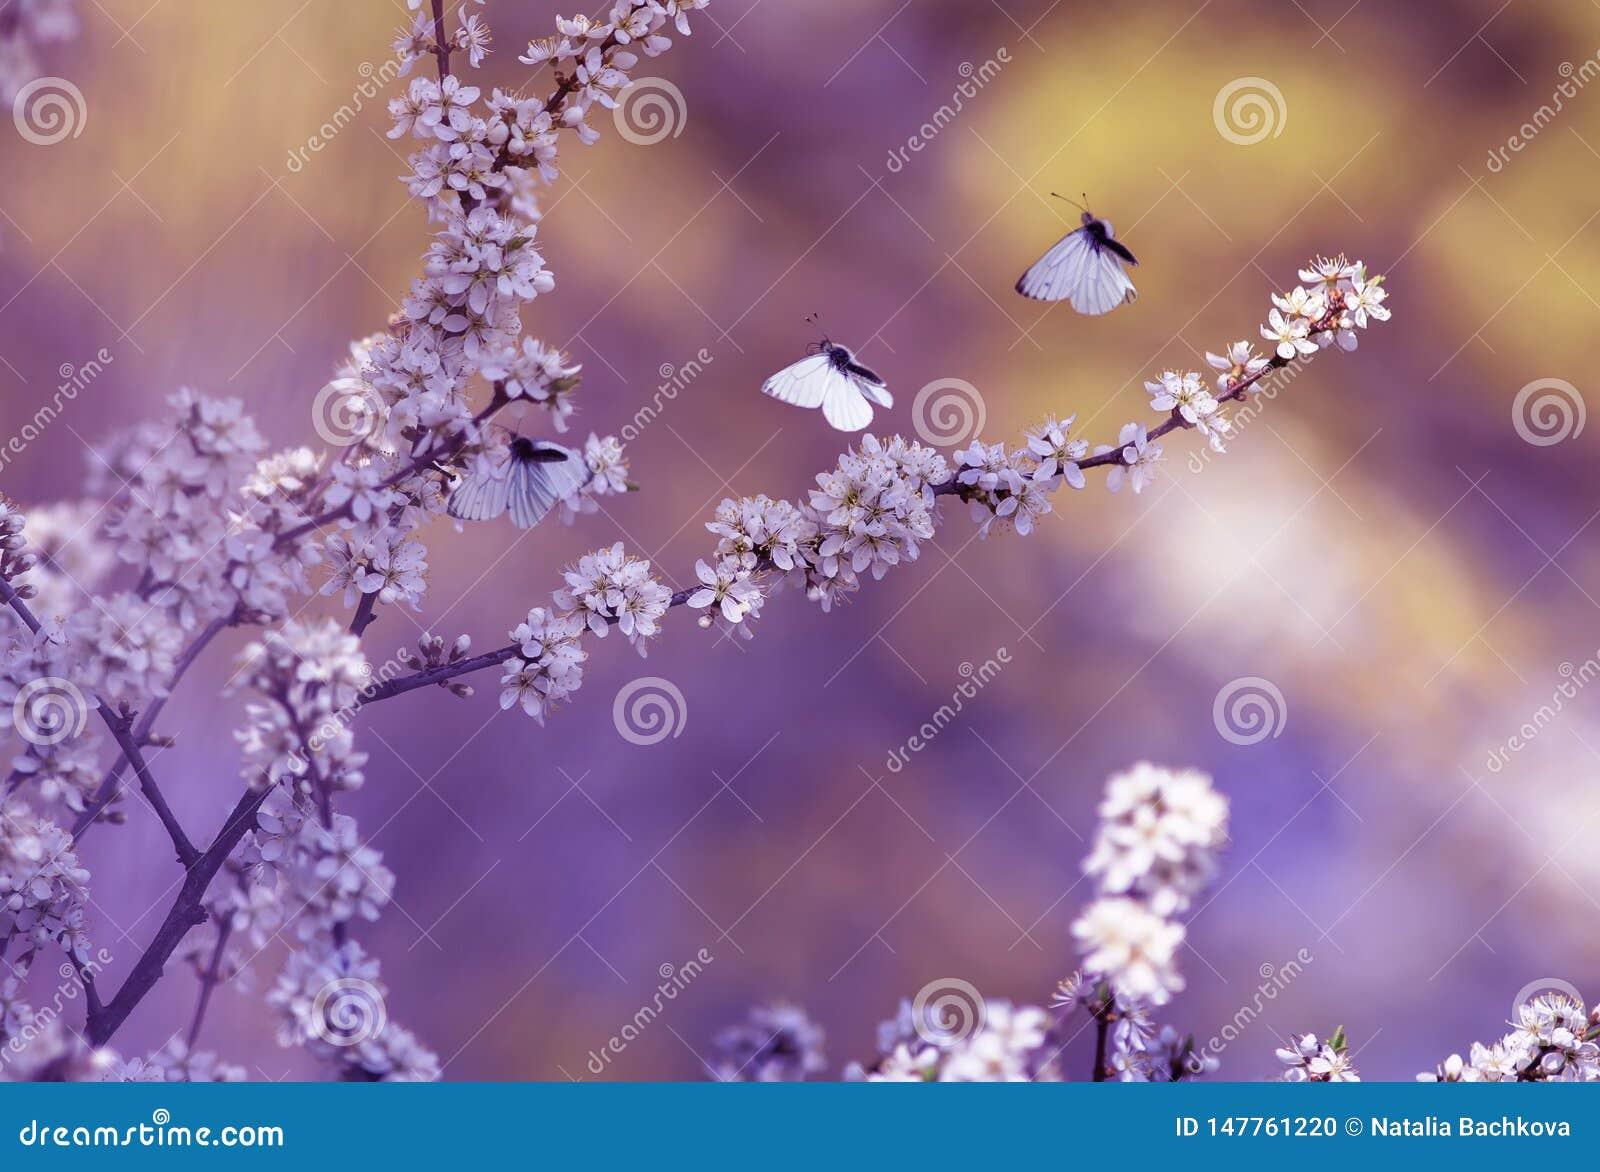 Drie witte mooie kleine vlinders vliegen aan de takken met het pluizige geurige bloemen en van struikknoppen warm tot bloei komen